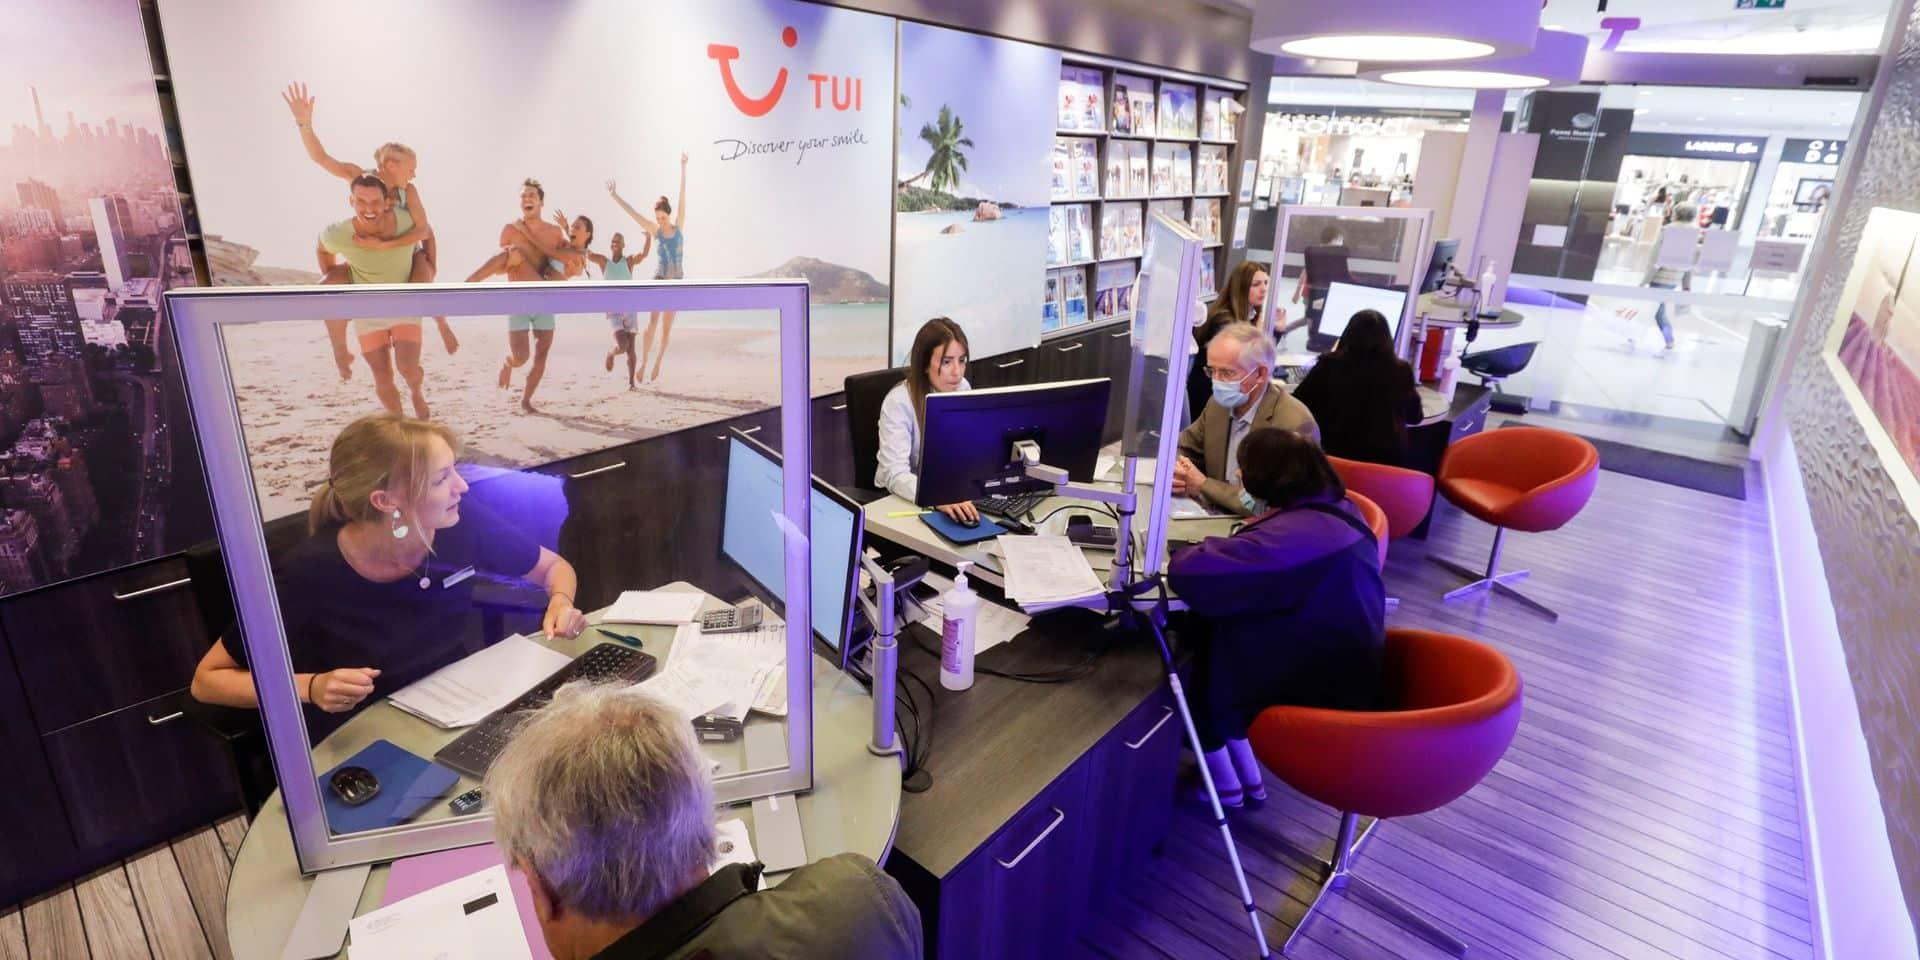 Les voyageurs de Tui pourront être remboursés pour un vol annulé